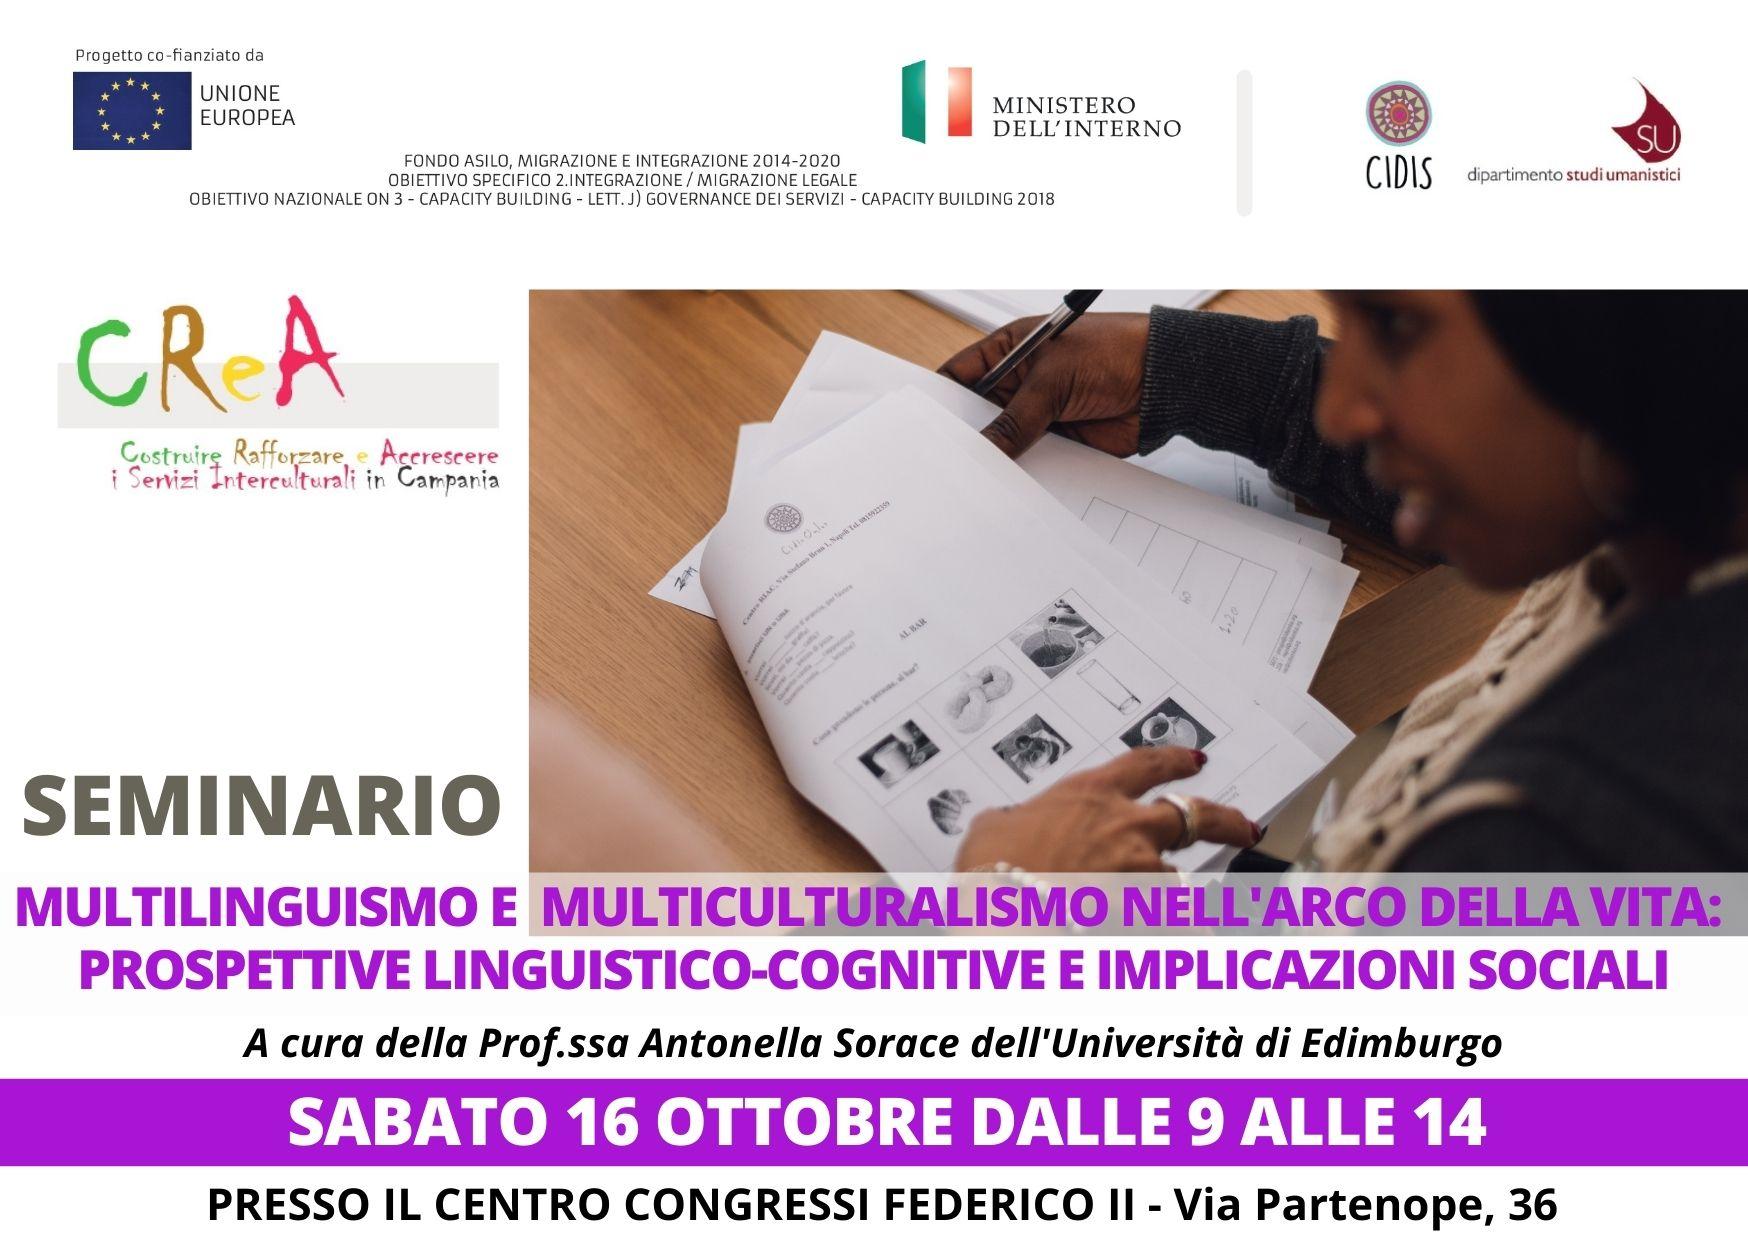 Multilinguismo e multiculturalismo: il 16 ottobre seminario al Centro Congressi Federico II